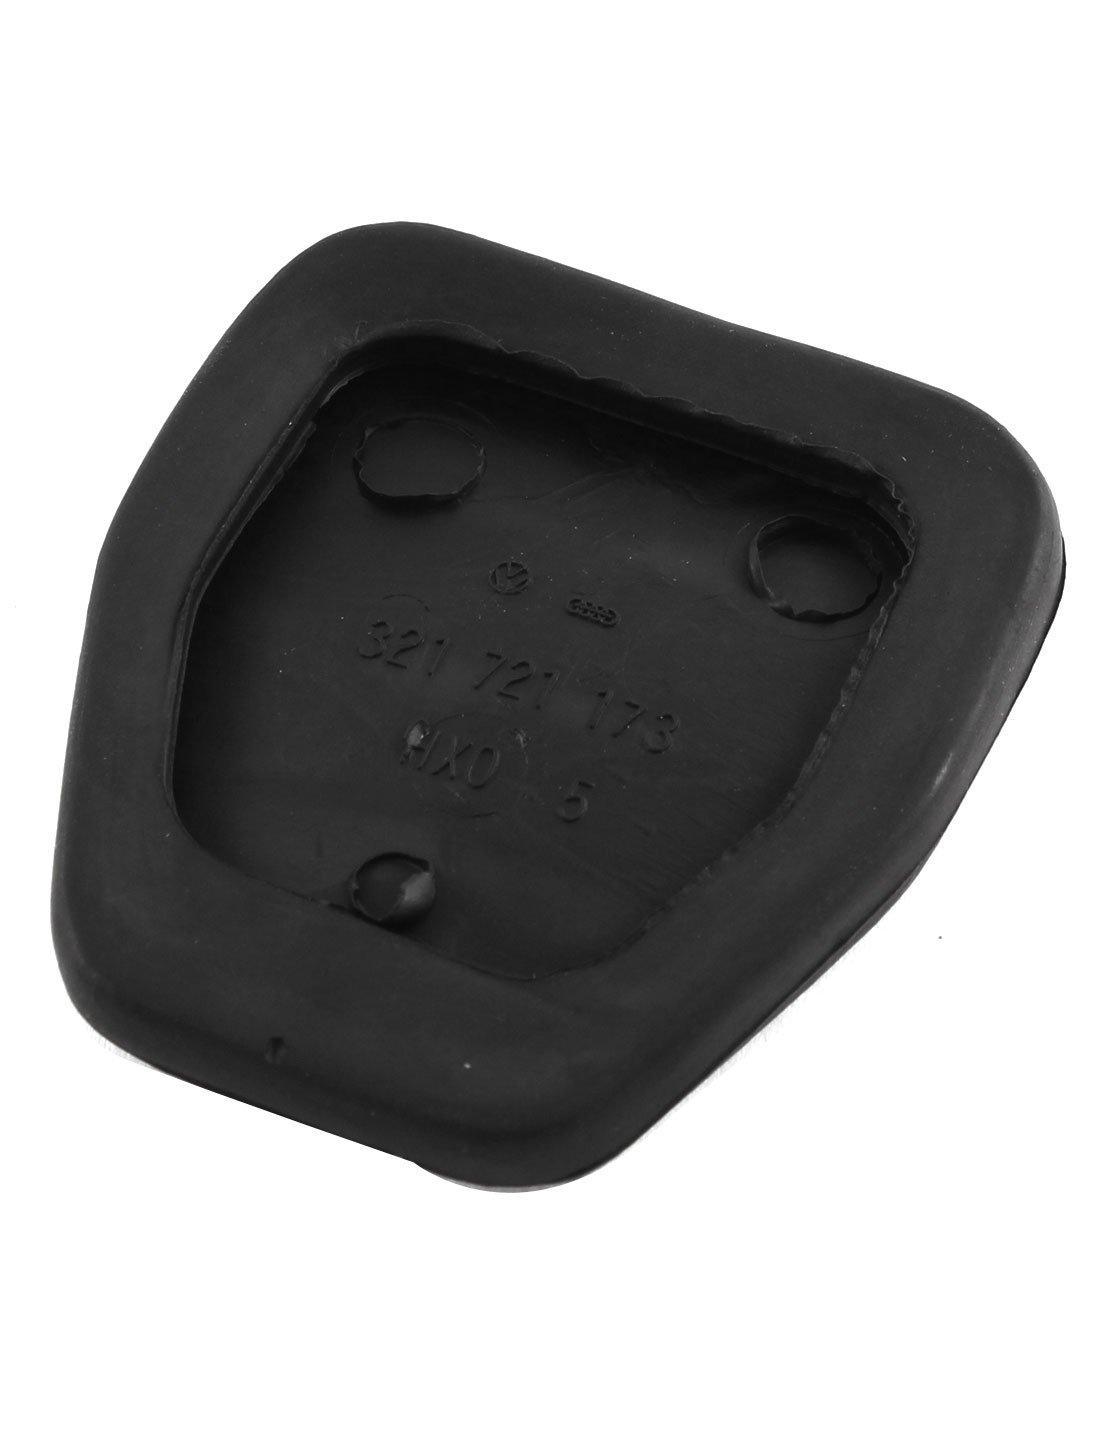 Embrague Funda de Pedal de Freno Goma Negro Set 321721173: Amazon.es: Coche y moto